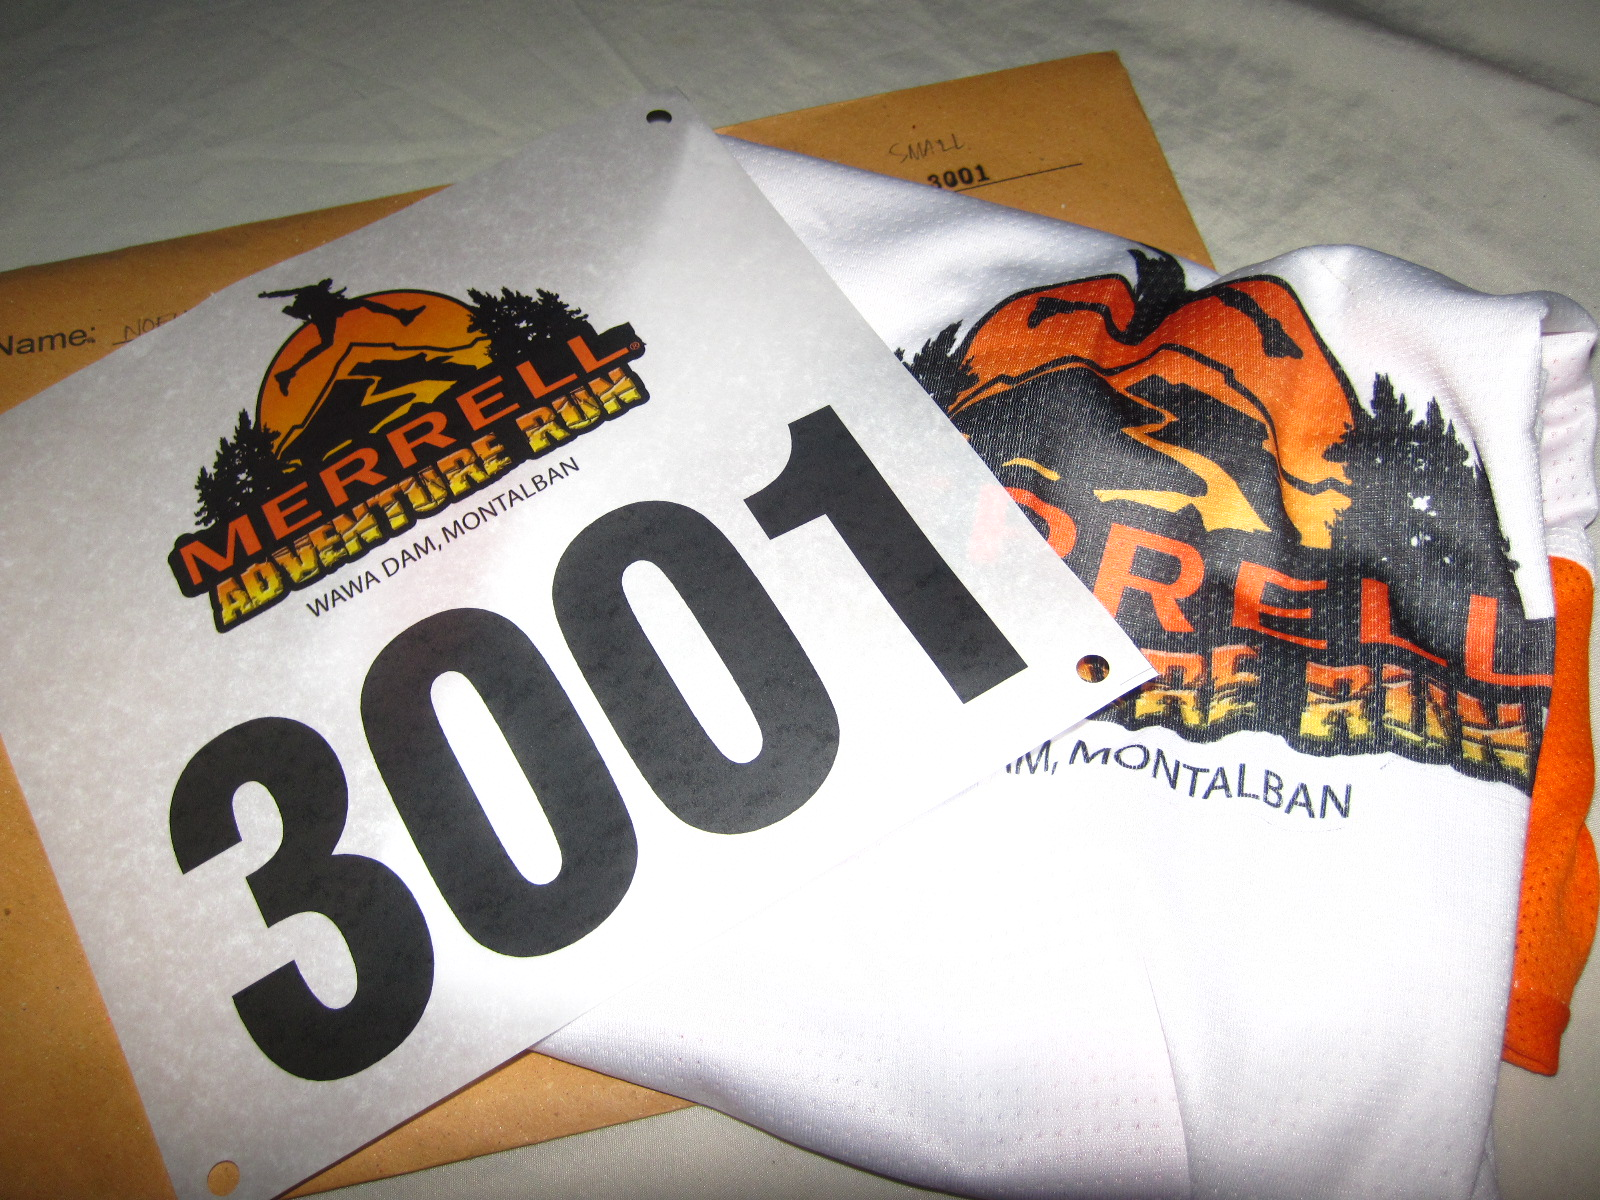 Merrell Adventure Run: Race Kit